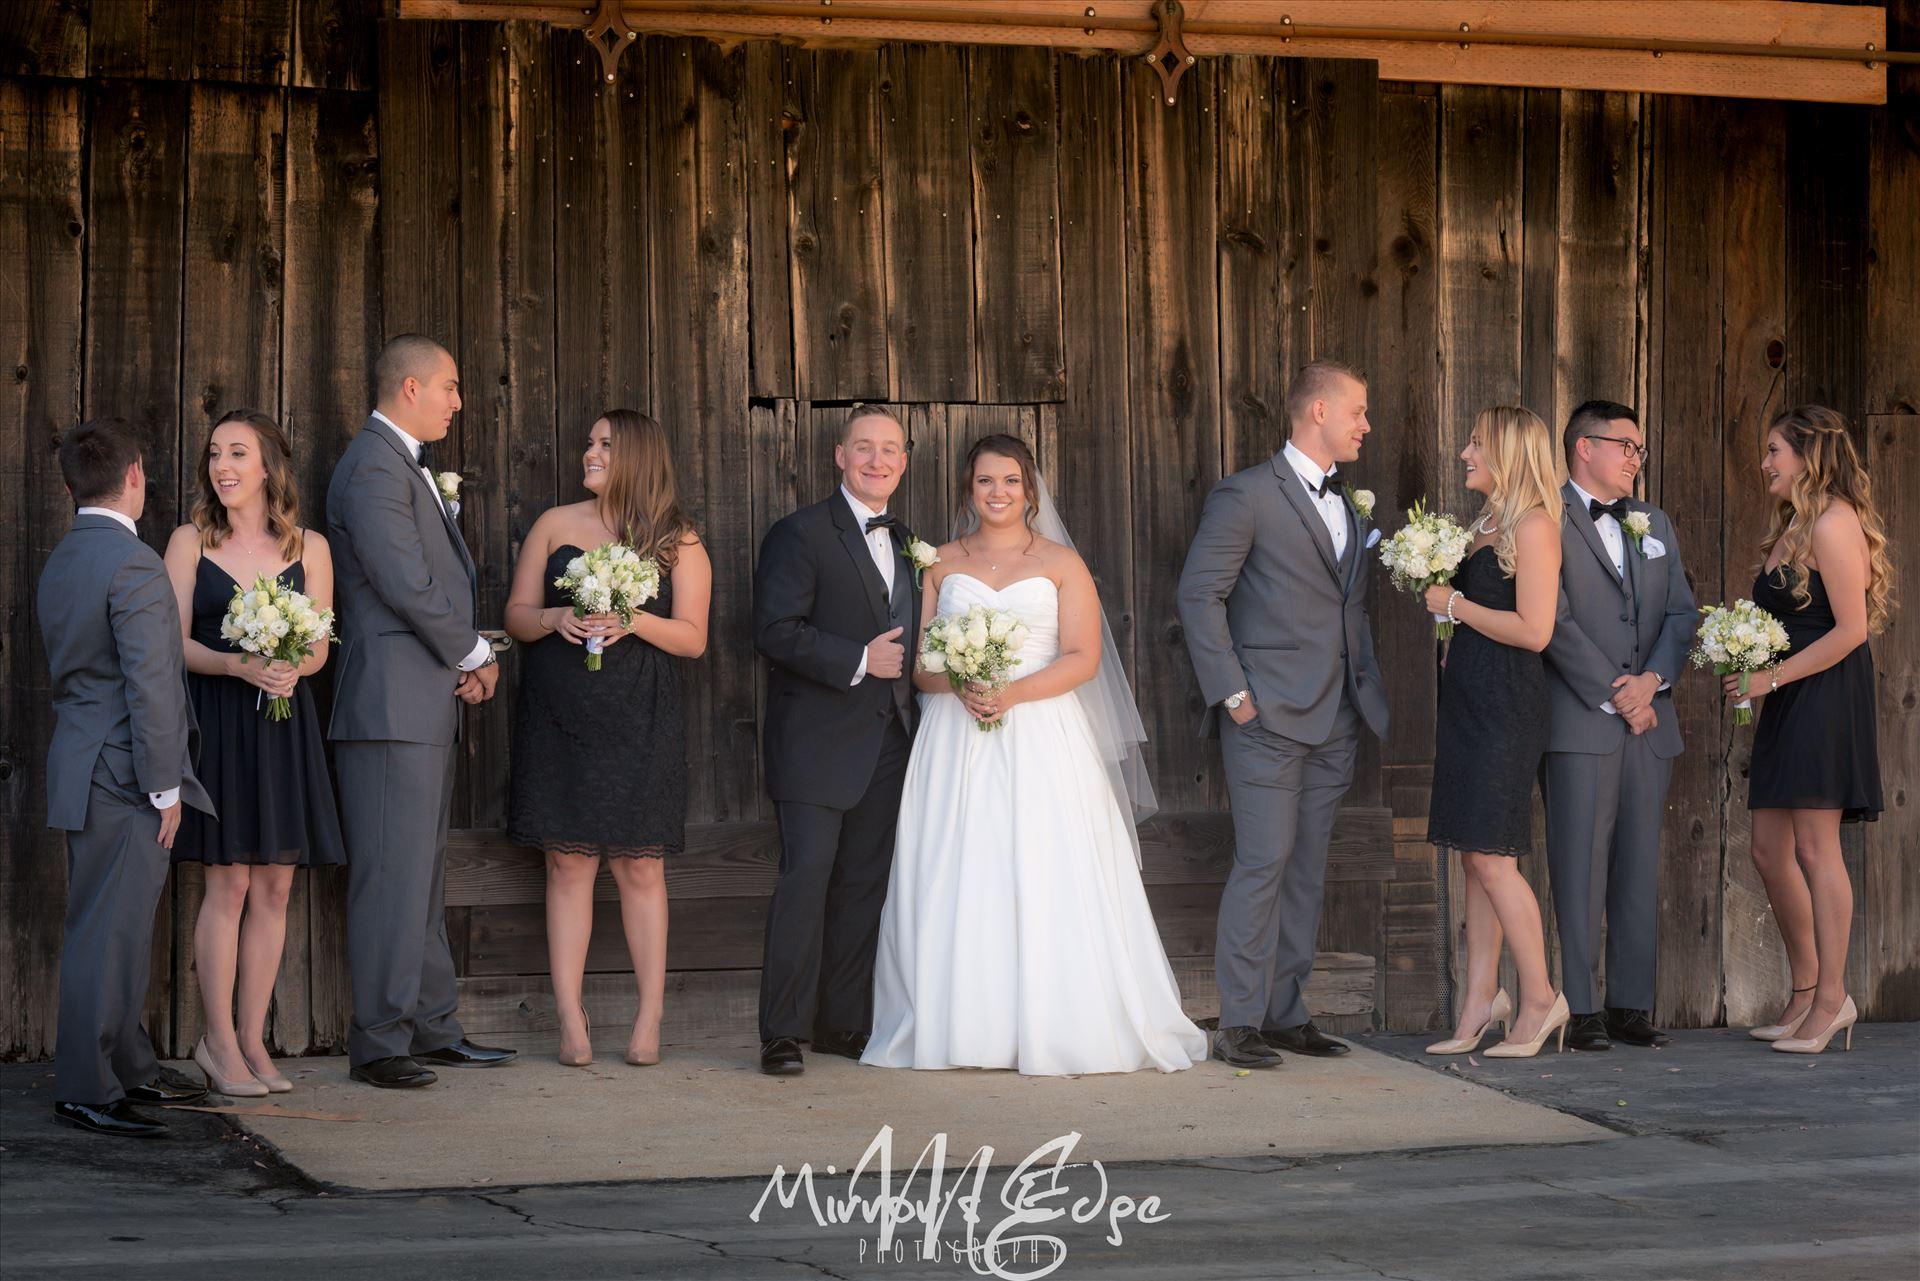 Gilroy Wedding Photography 07Mirror's Edge Photography provides wedding and engagement photography for San Luis Obispo, Arroyo Grande, Pismo Beach, Avila Beach, Morro Bay and surrounding Central Coast locations